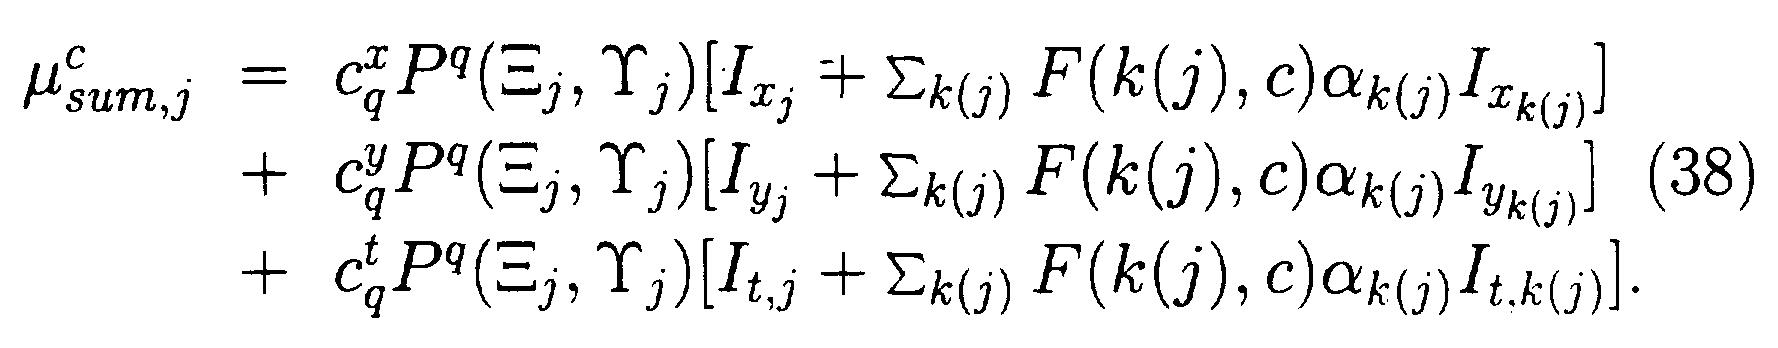 Figure imgf000054_0003